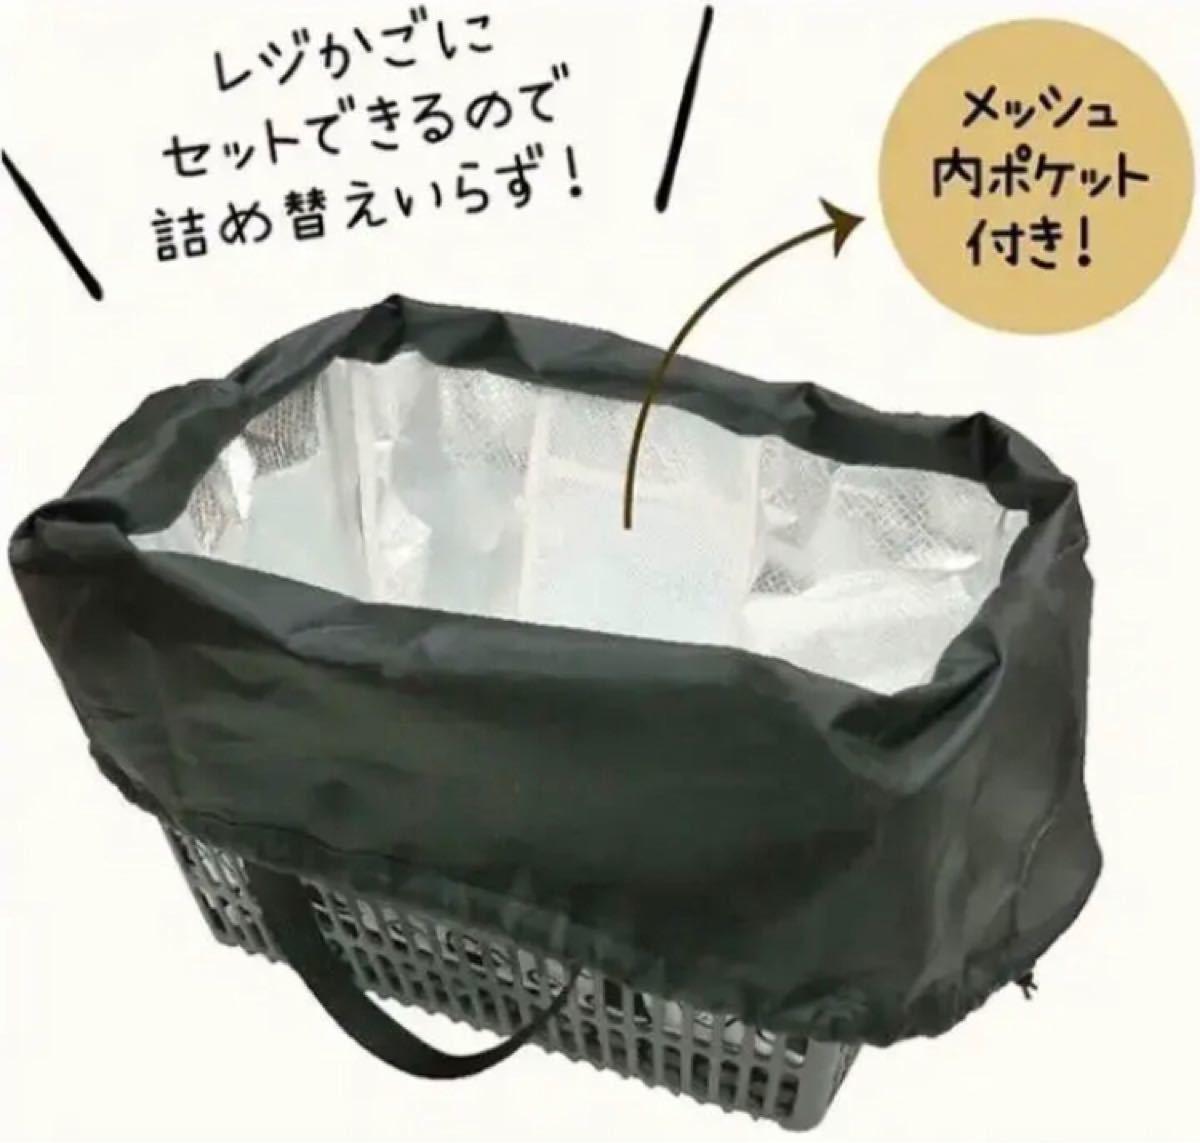 エコバッグ レジかご 折りたたみタイプ 保冷はっ水素材使用 ミッキーマウス グレー作りのしっかりとした保冷バッグ